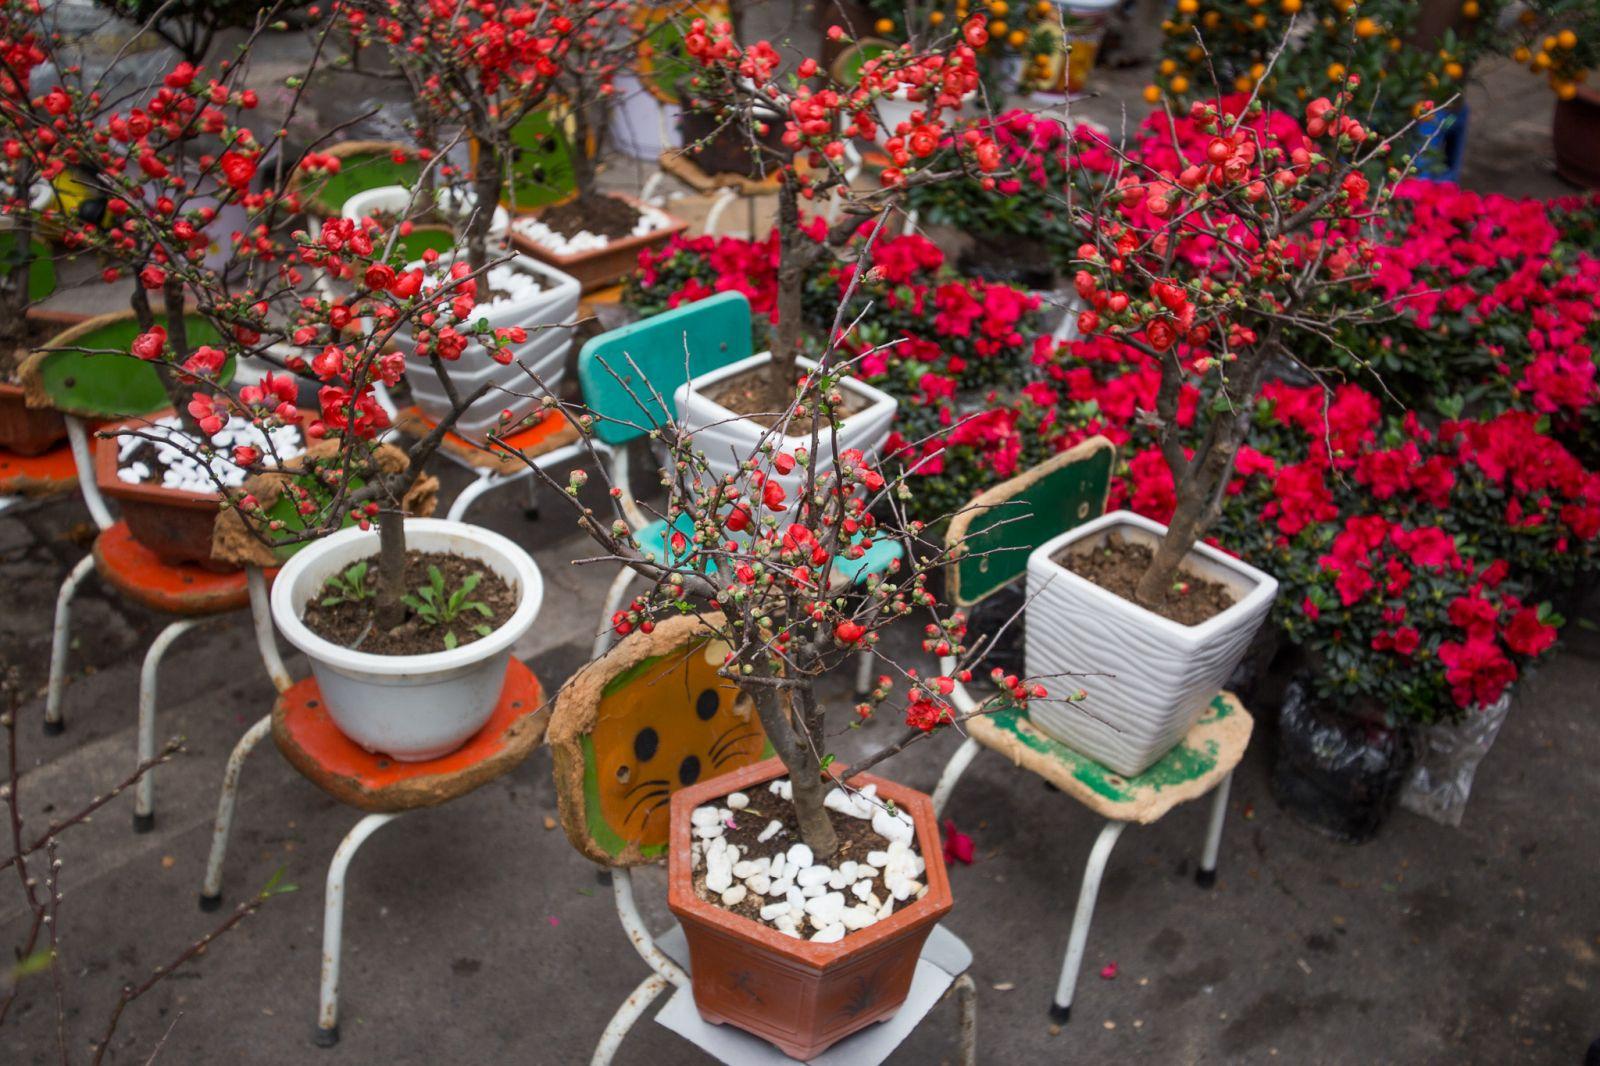 Tại chợ hoa Hàng Lược ngoài hoa đào thì còn rất nhiều loại hoa khác với nhiều chủng loại phong phú.